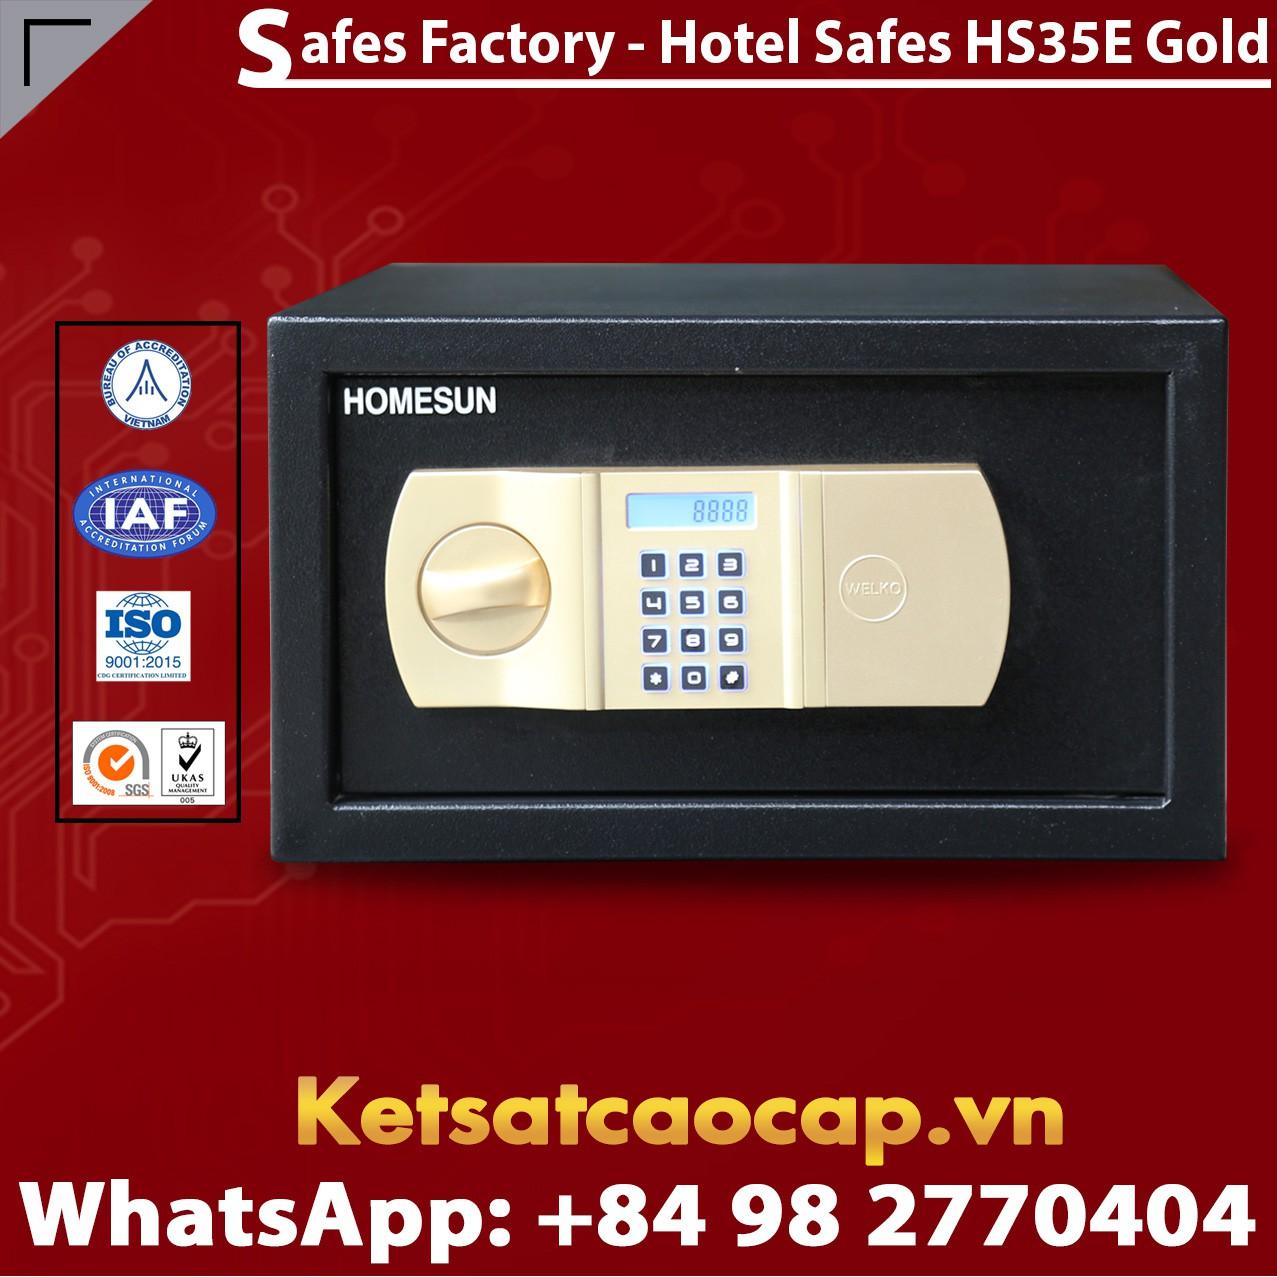 Két Sắt Khách Sạn Hotel Safes HOMESUN HS35 E Gold